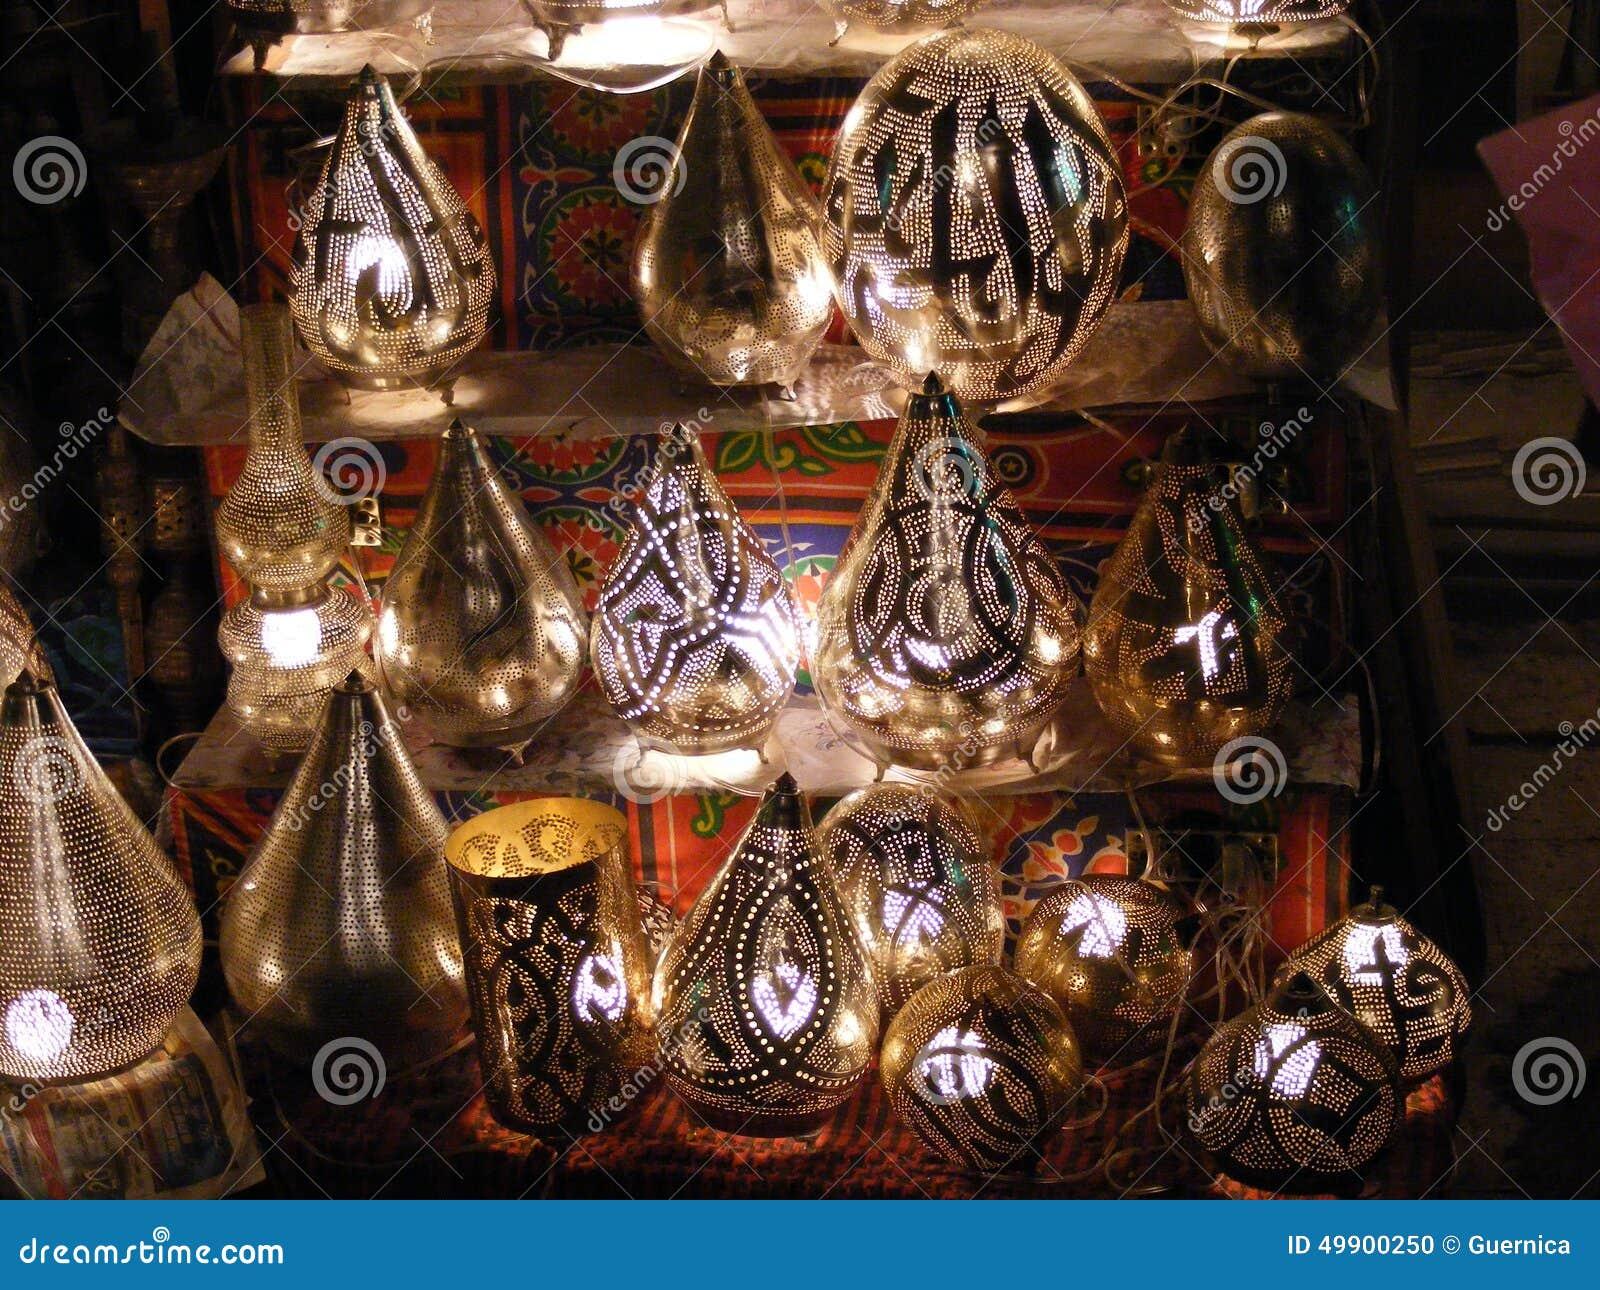 Brengen de verkopende het koperlampen van de winkelverkoper in khan khalili van Gr souq in Egypte Kaïro op de markt